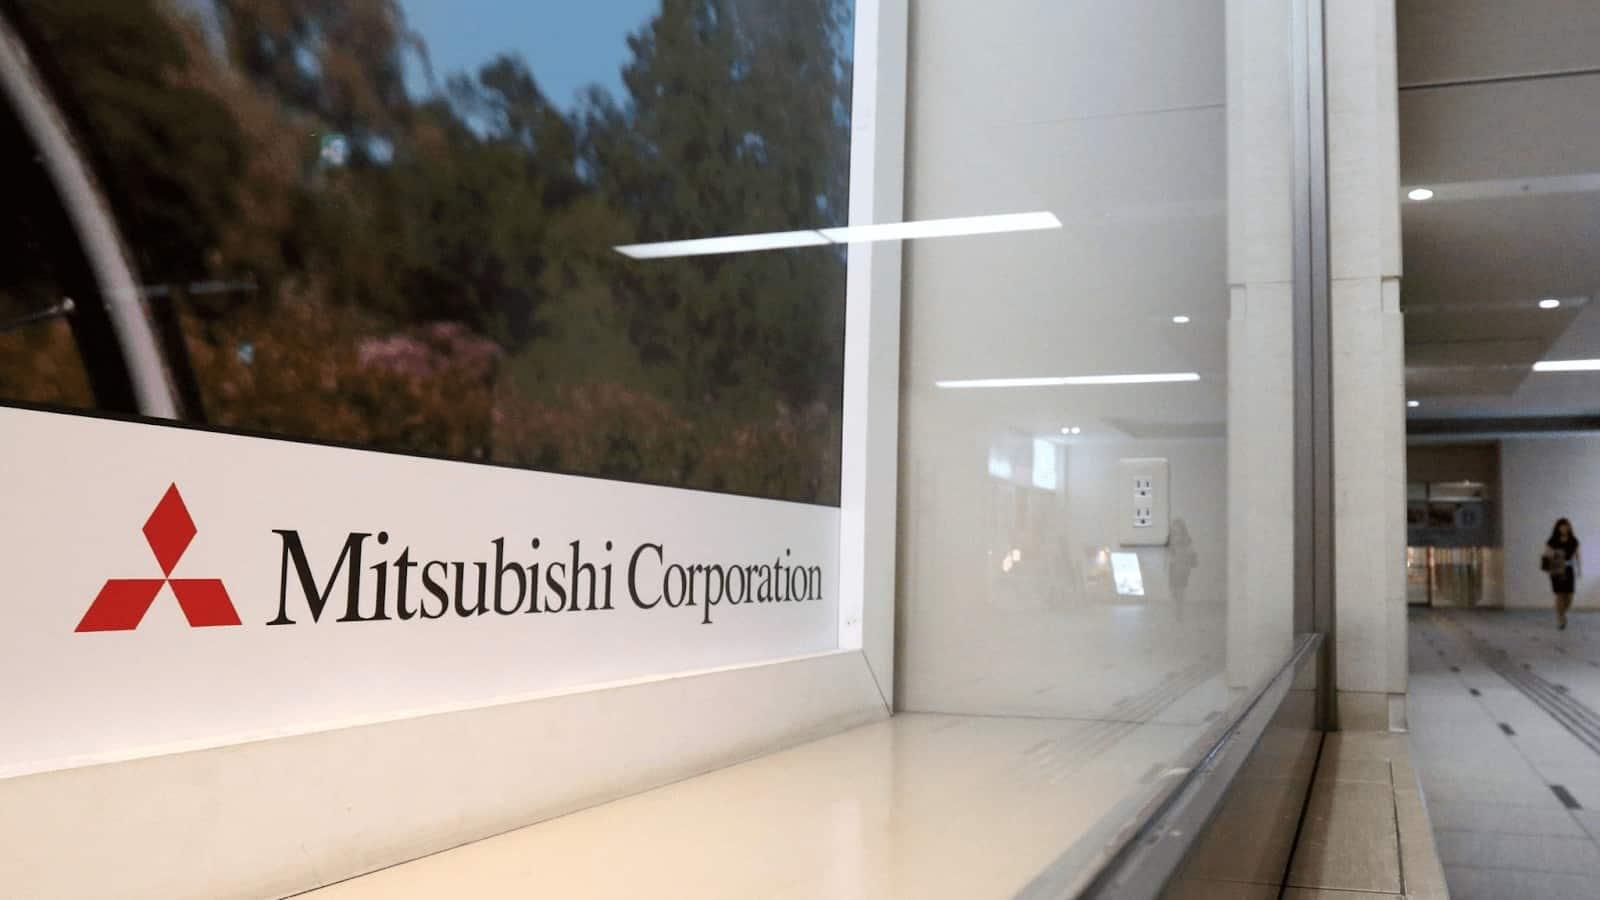 Mitsubishi Corp